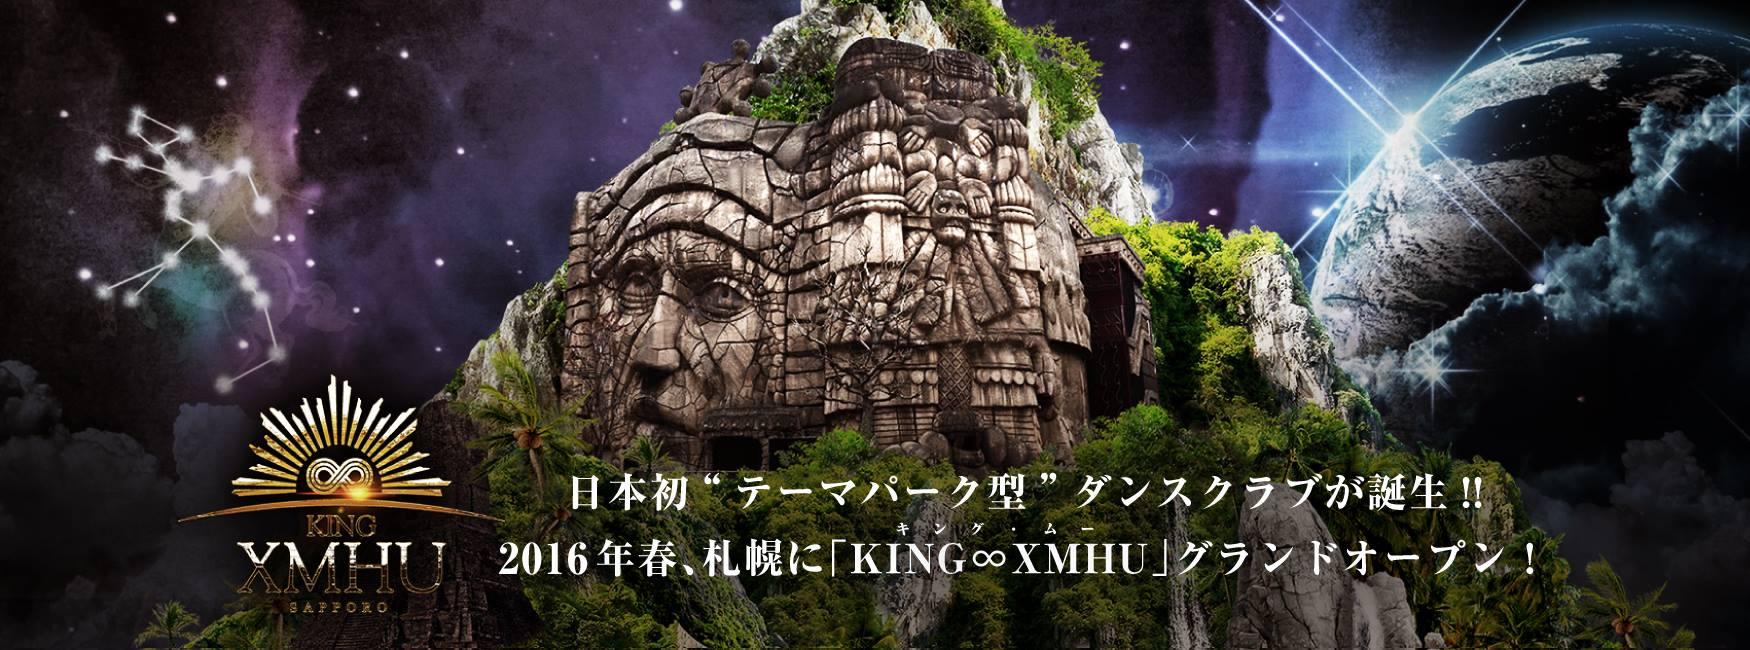 KING XMHU 4